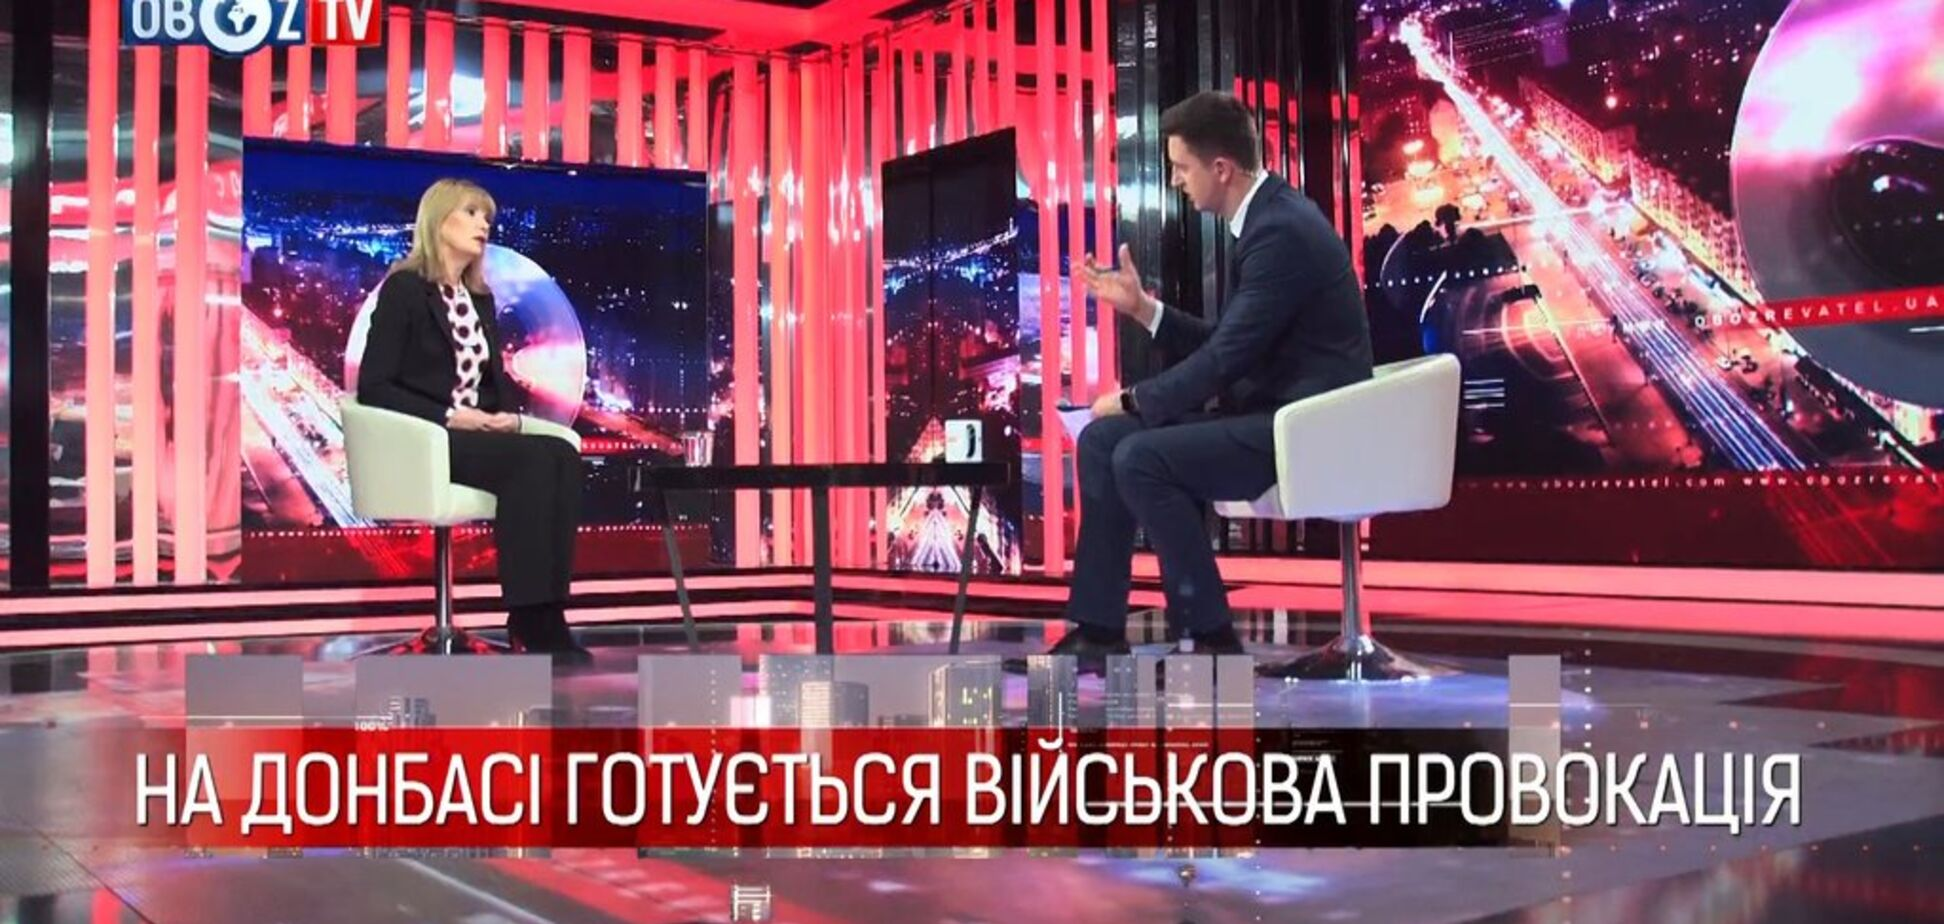 Подготовка к военной провокации: политик рассказала, кому верят люди на Донбассе